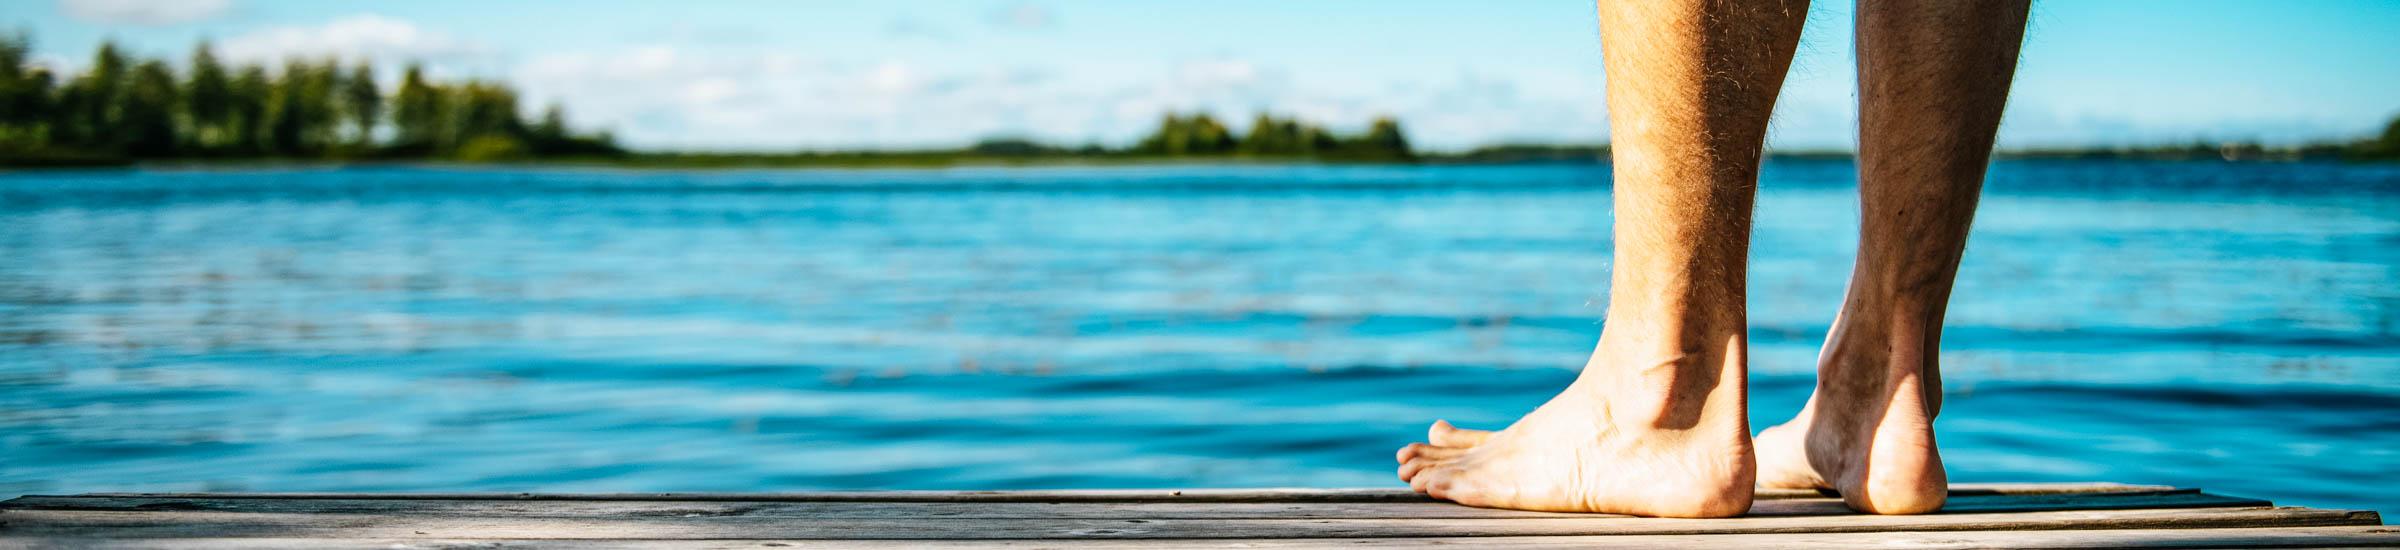 Beine und Füße eines Mannes auf einem Steg am See